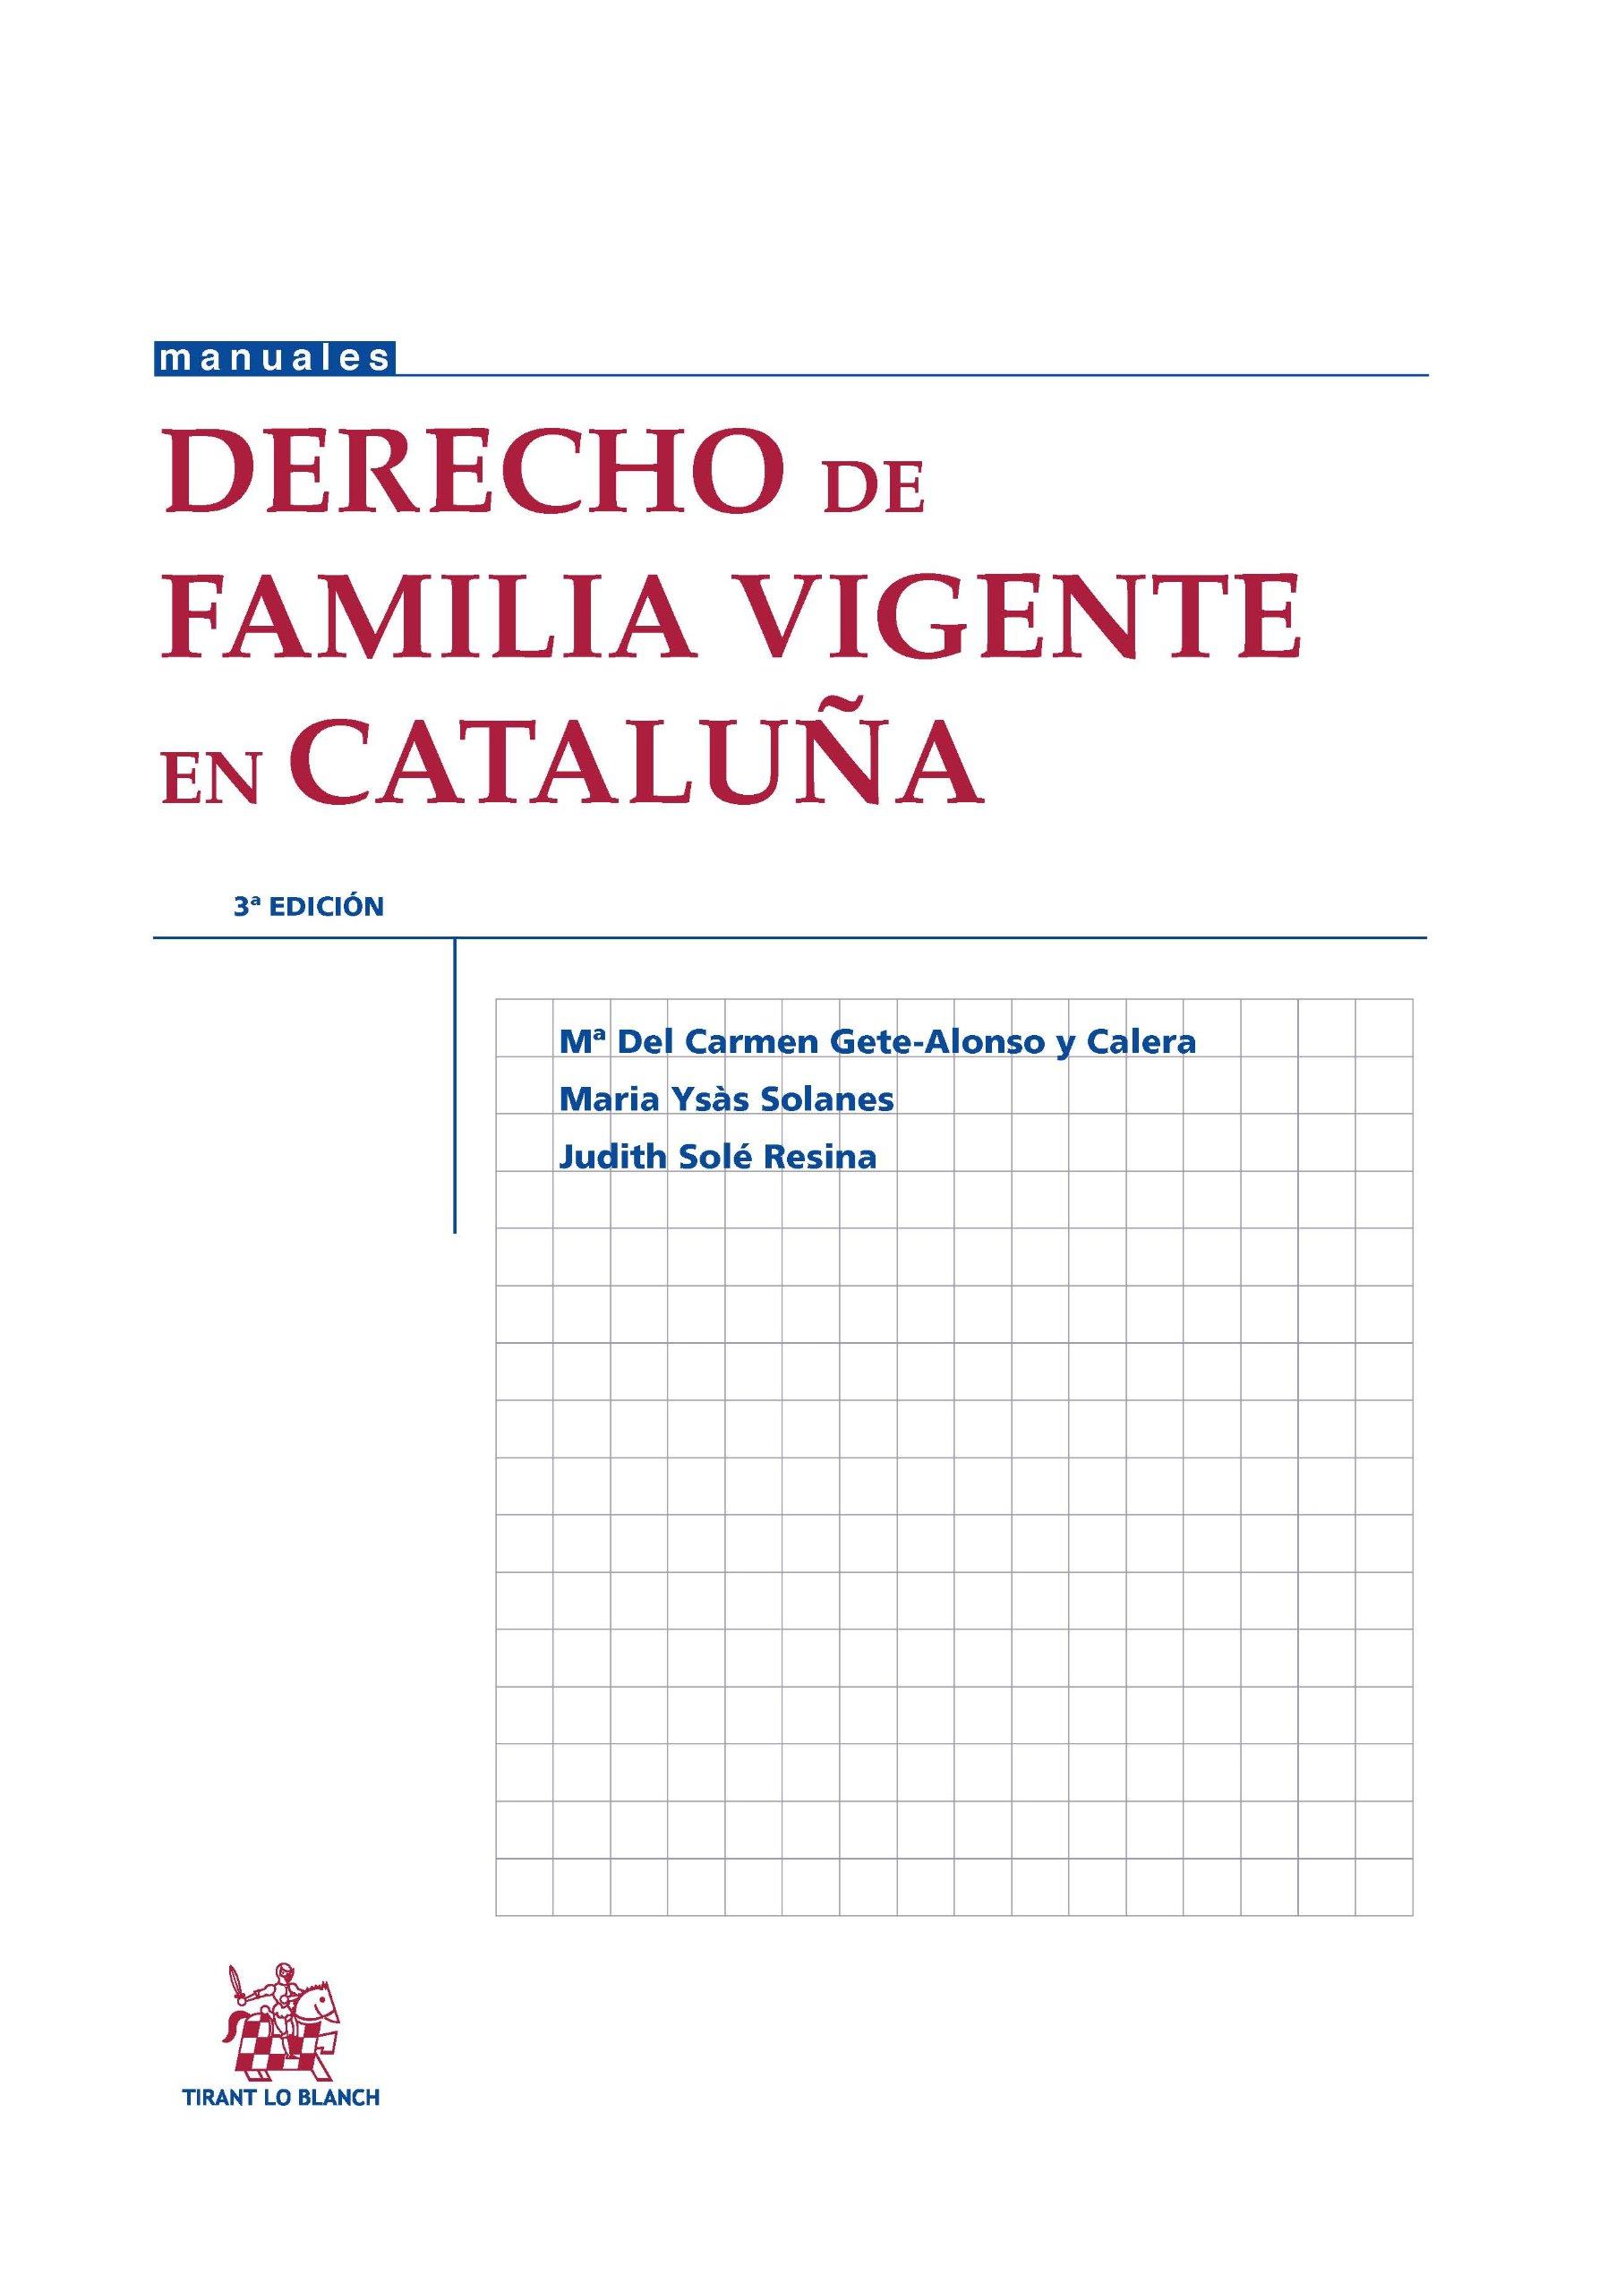 Derecho de familia vigente en Cataluña 3ª Ed. 2013 Manuales de Derecho Civil y Mercantil: Amazon.es: Judith Solé Resina: Libros